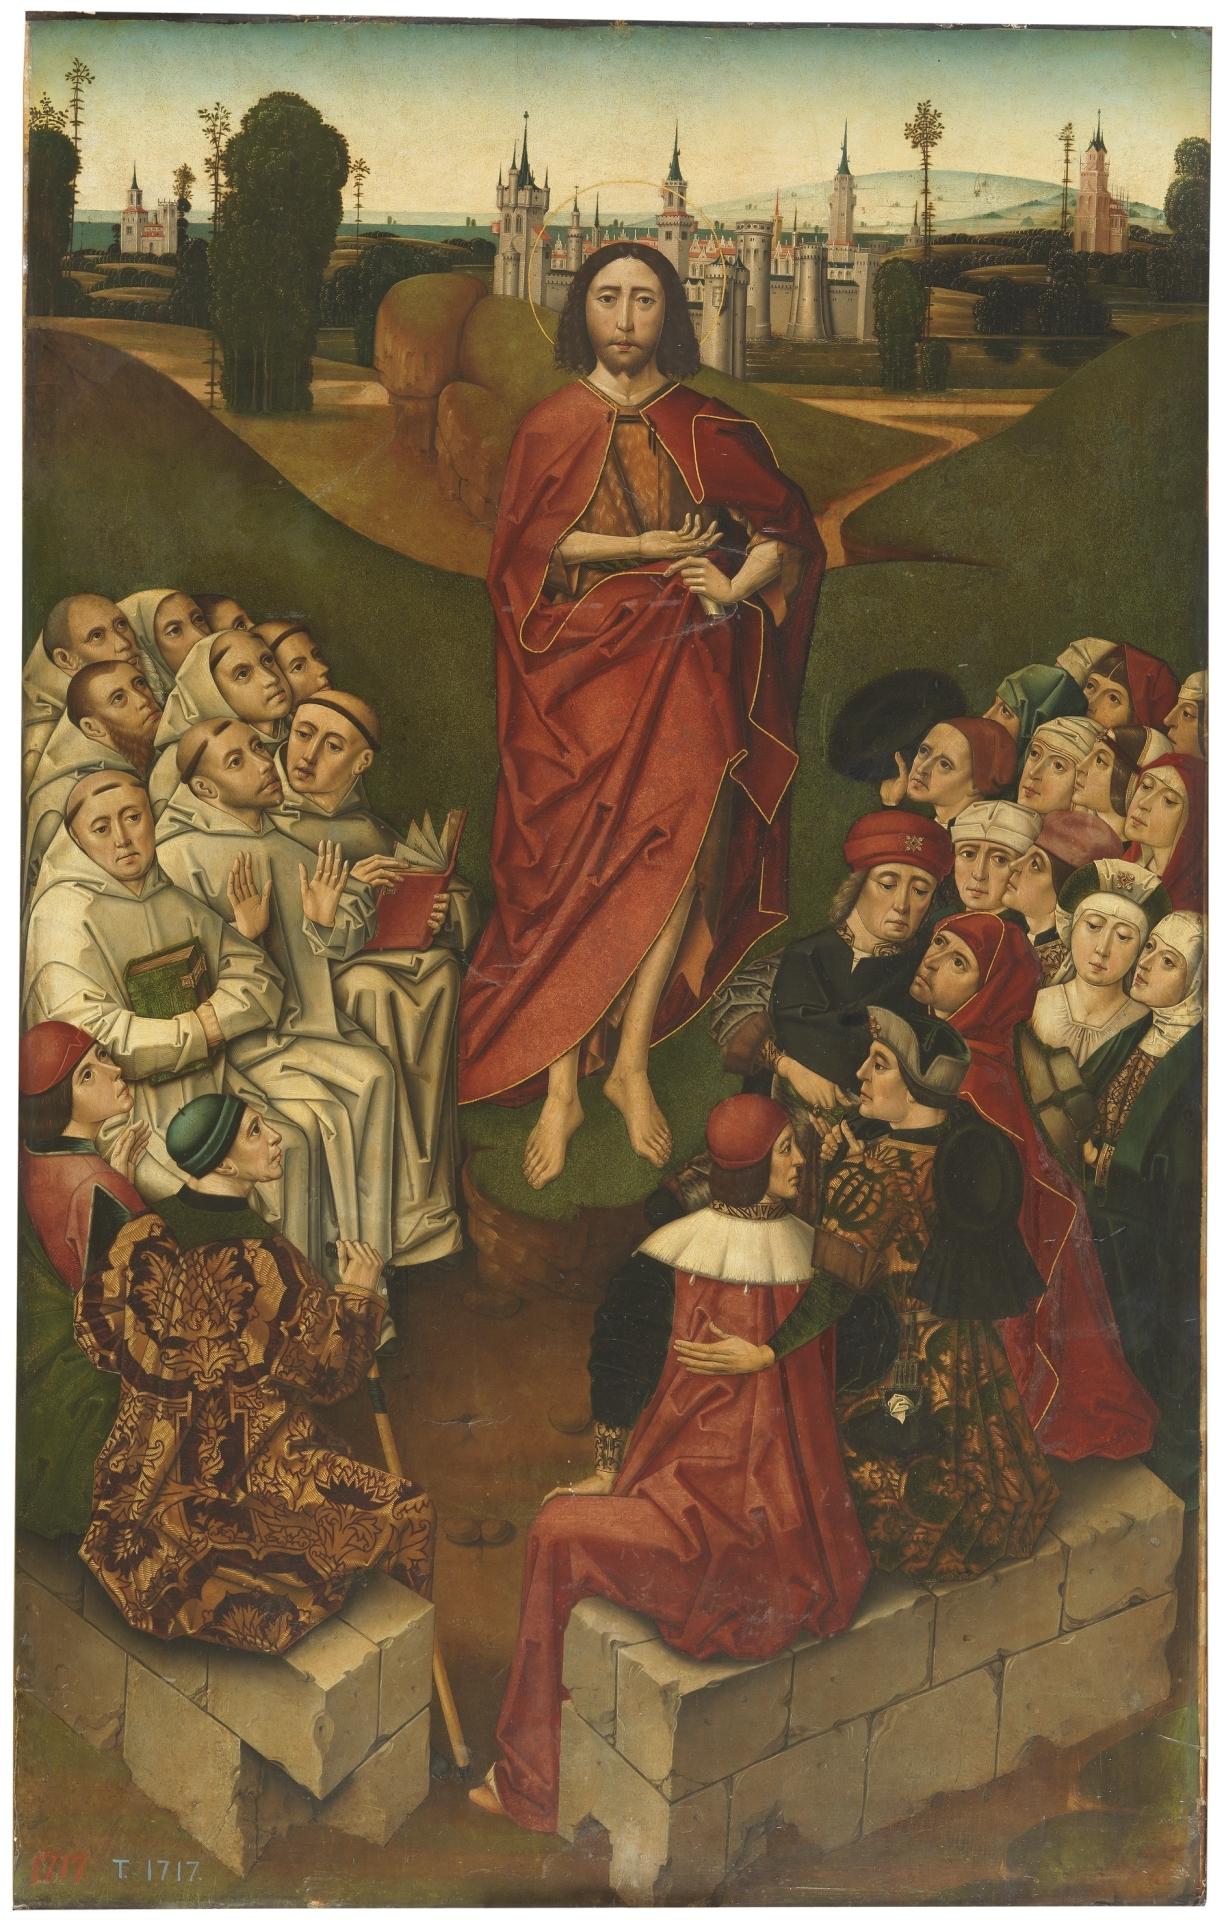 La predicación de San Juan Bautista - Colección - Museo Nacional del ...